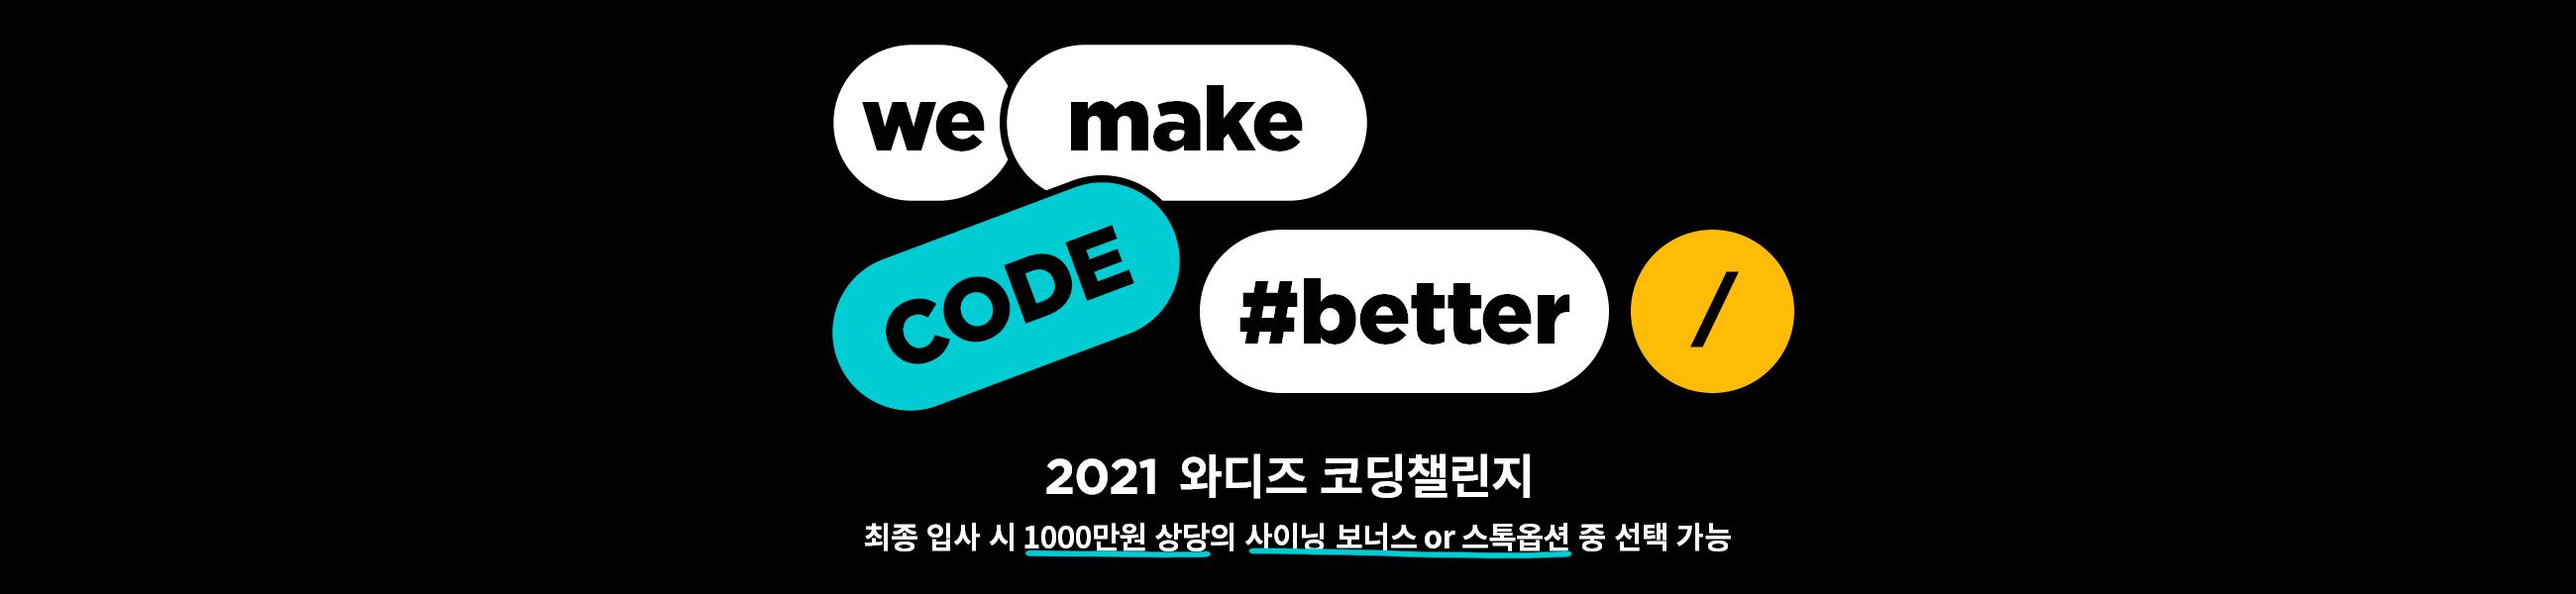 2021 와디즈 코딩챌린지: we make CODE #better의 이미지